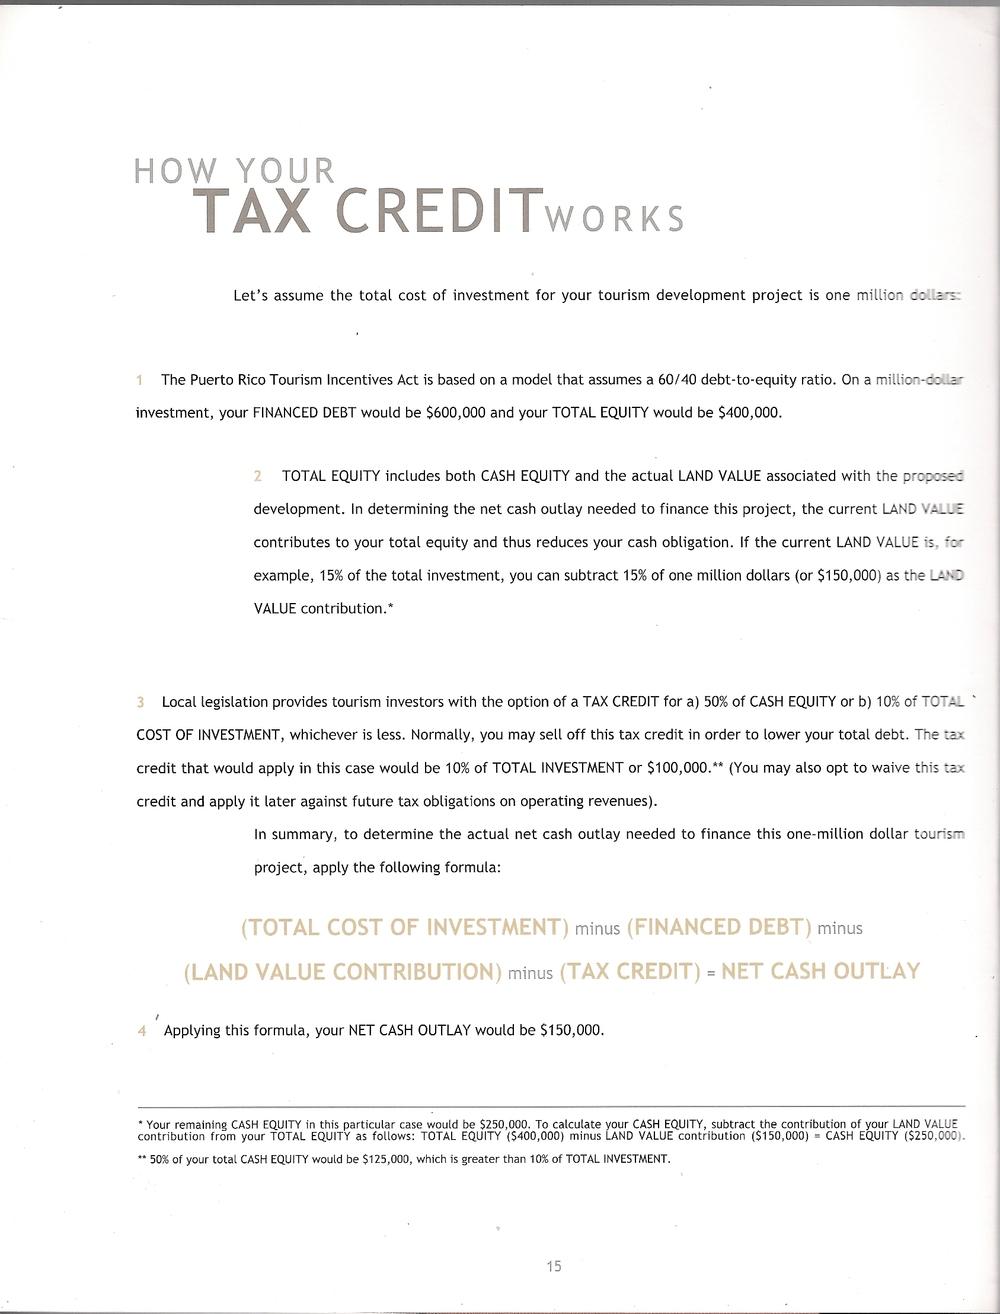 Investors' Brochure PRTC